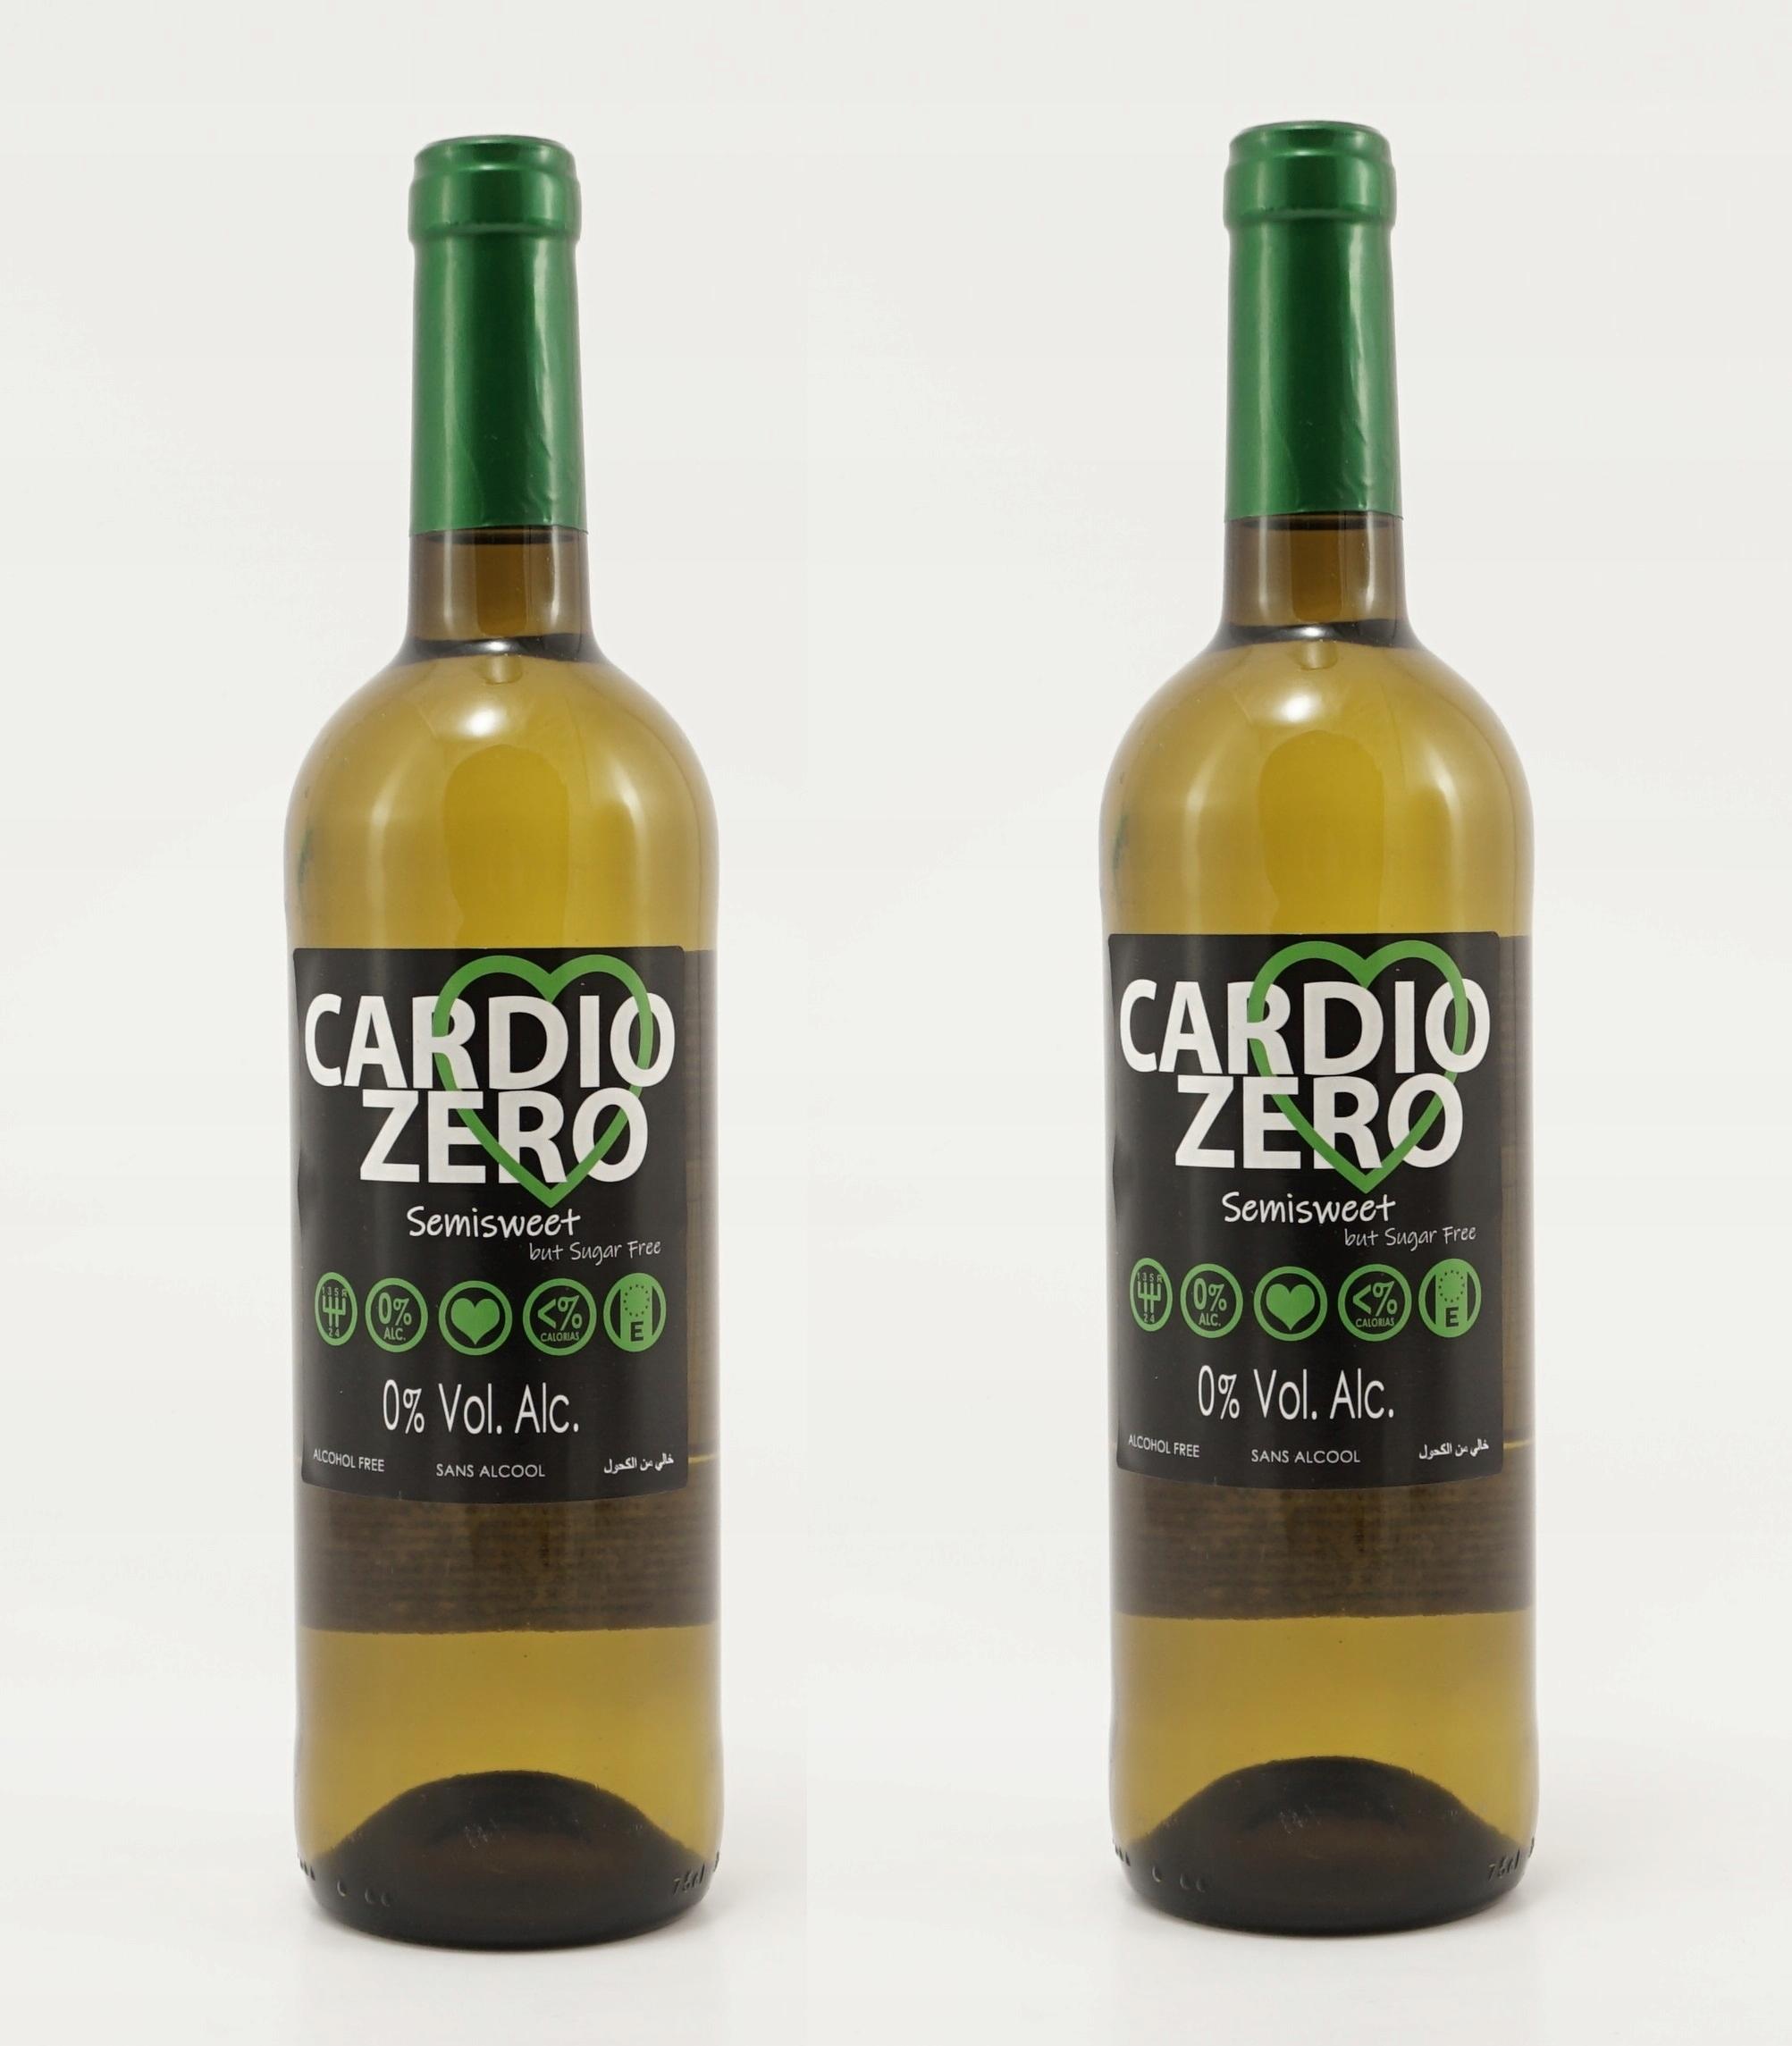 Cardio Zero белое полусладкое безалкогольное вино